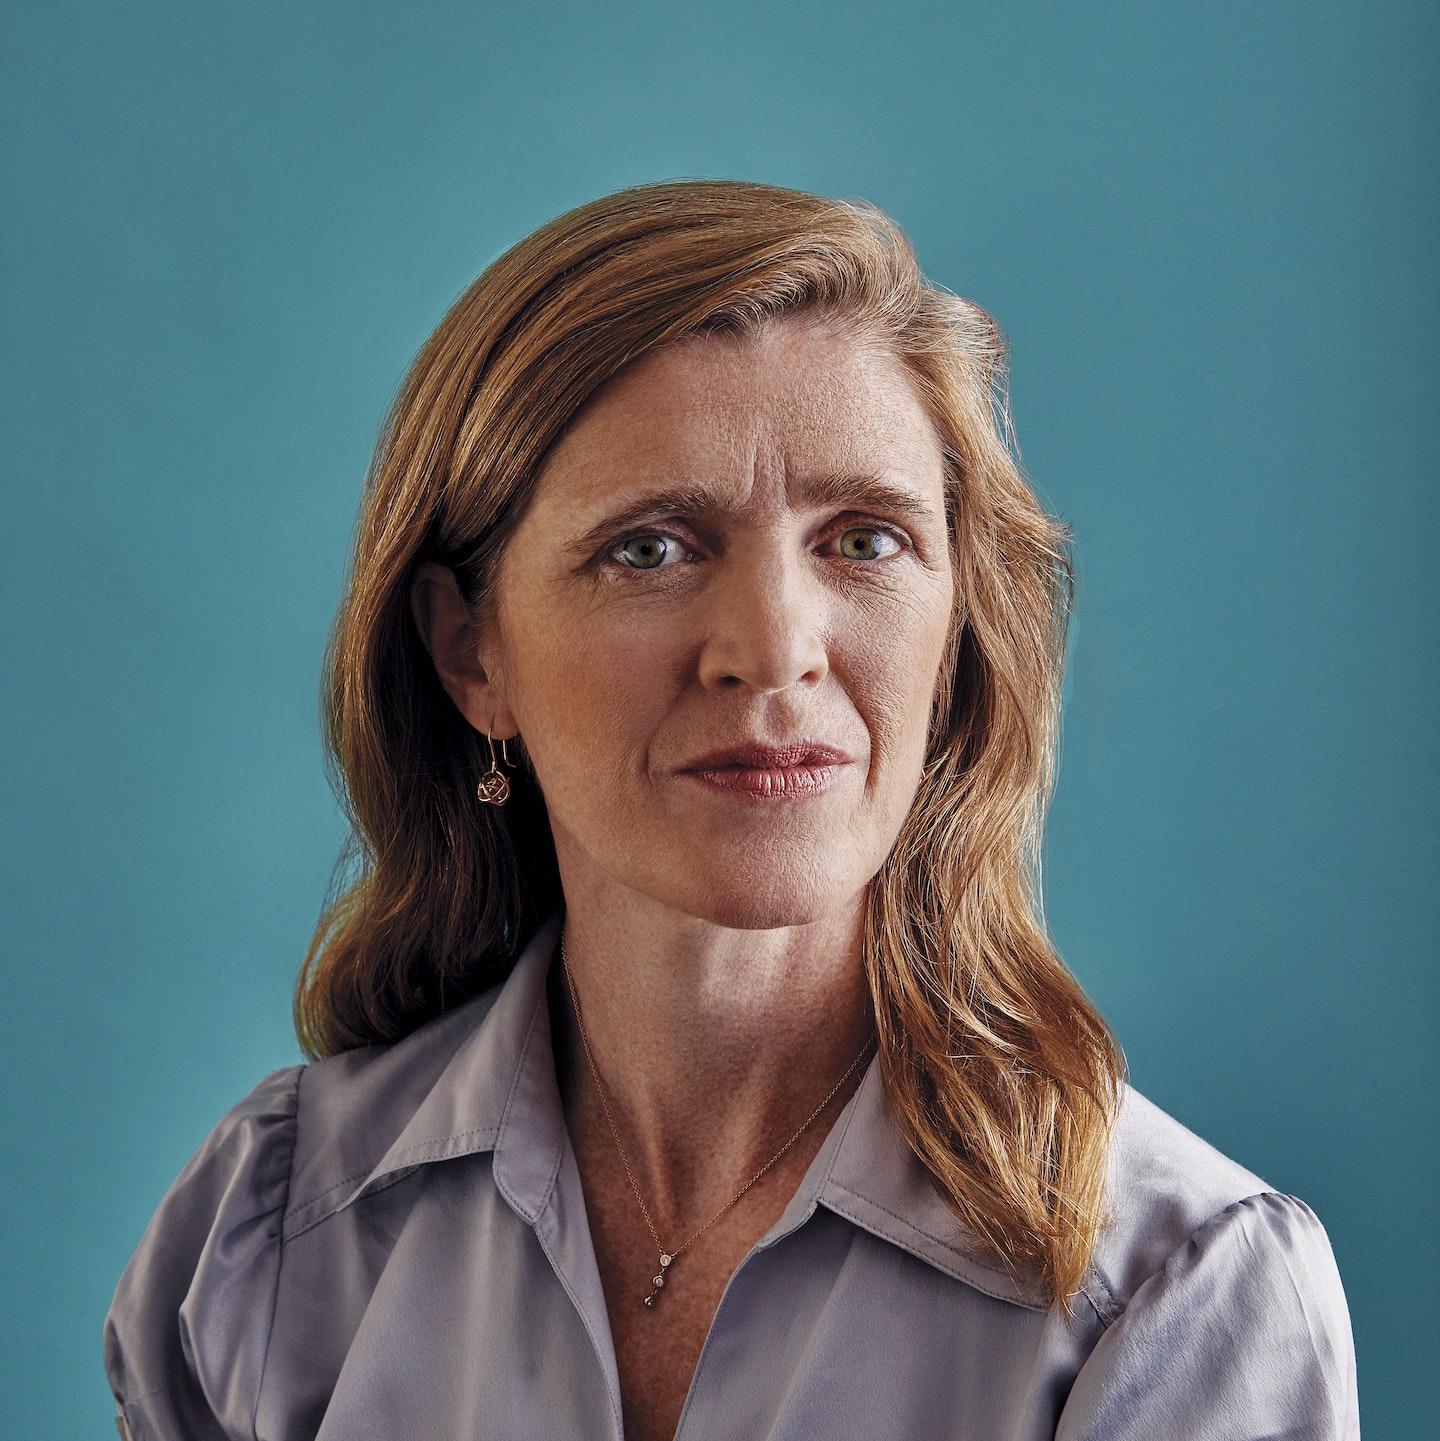 Samantha Power portrait